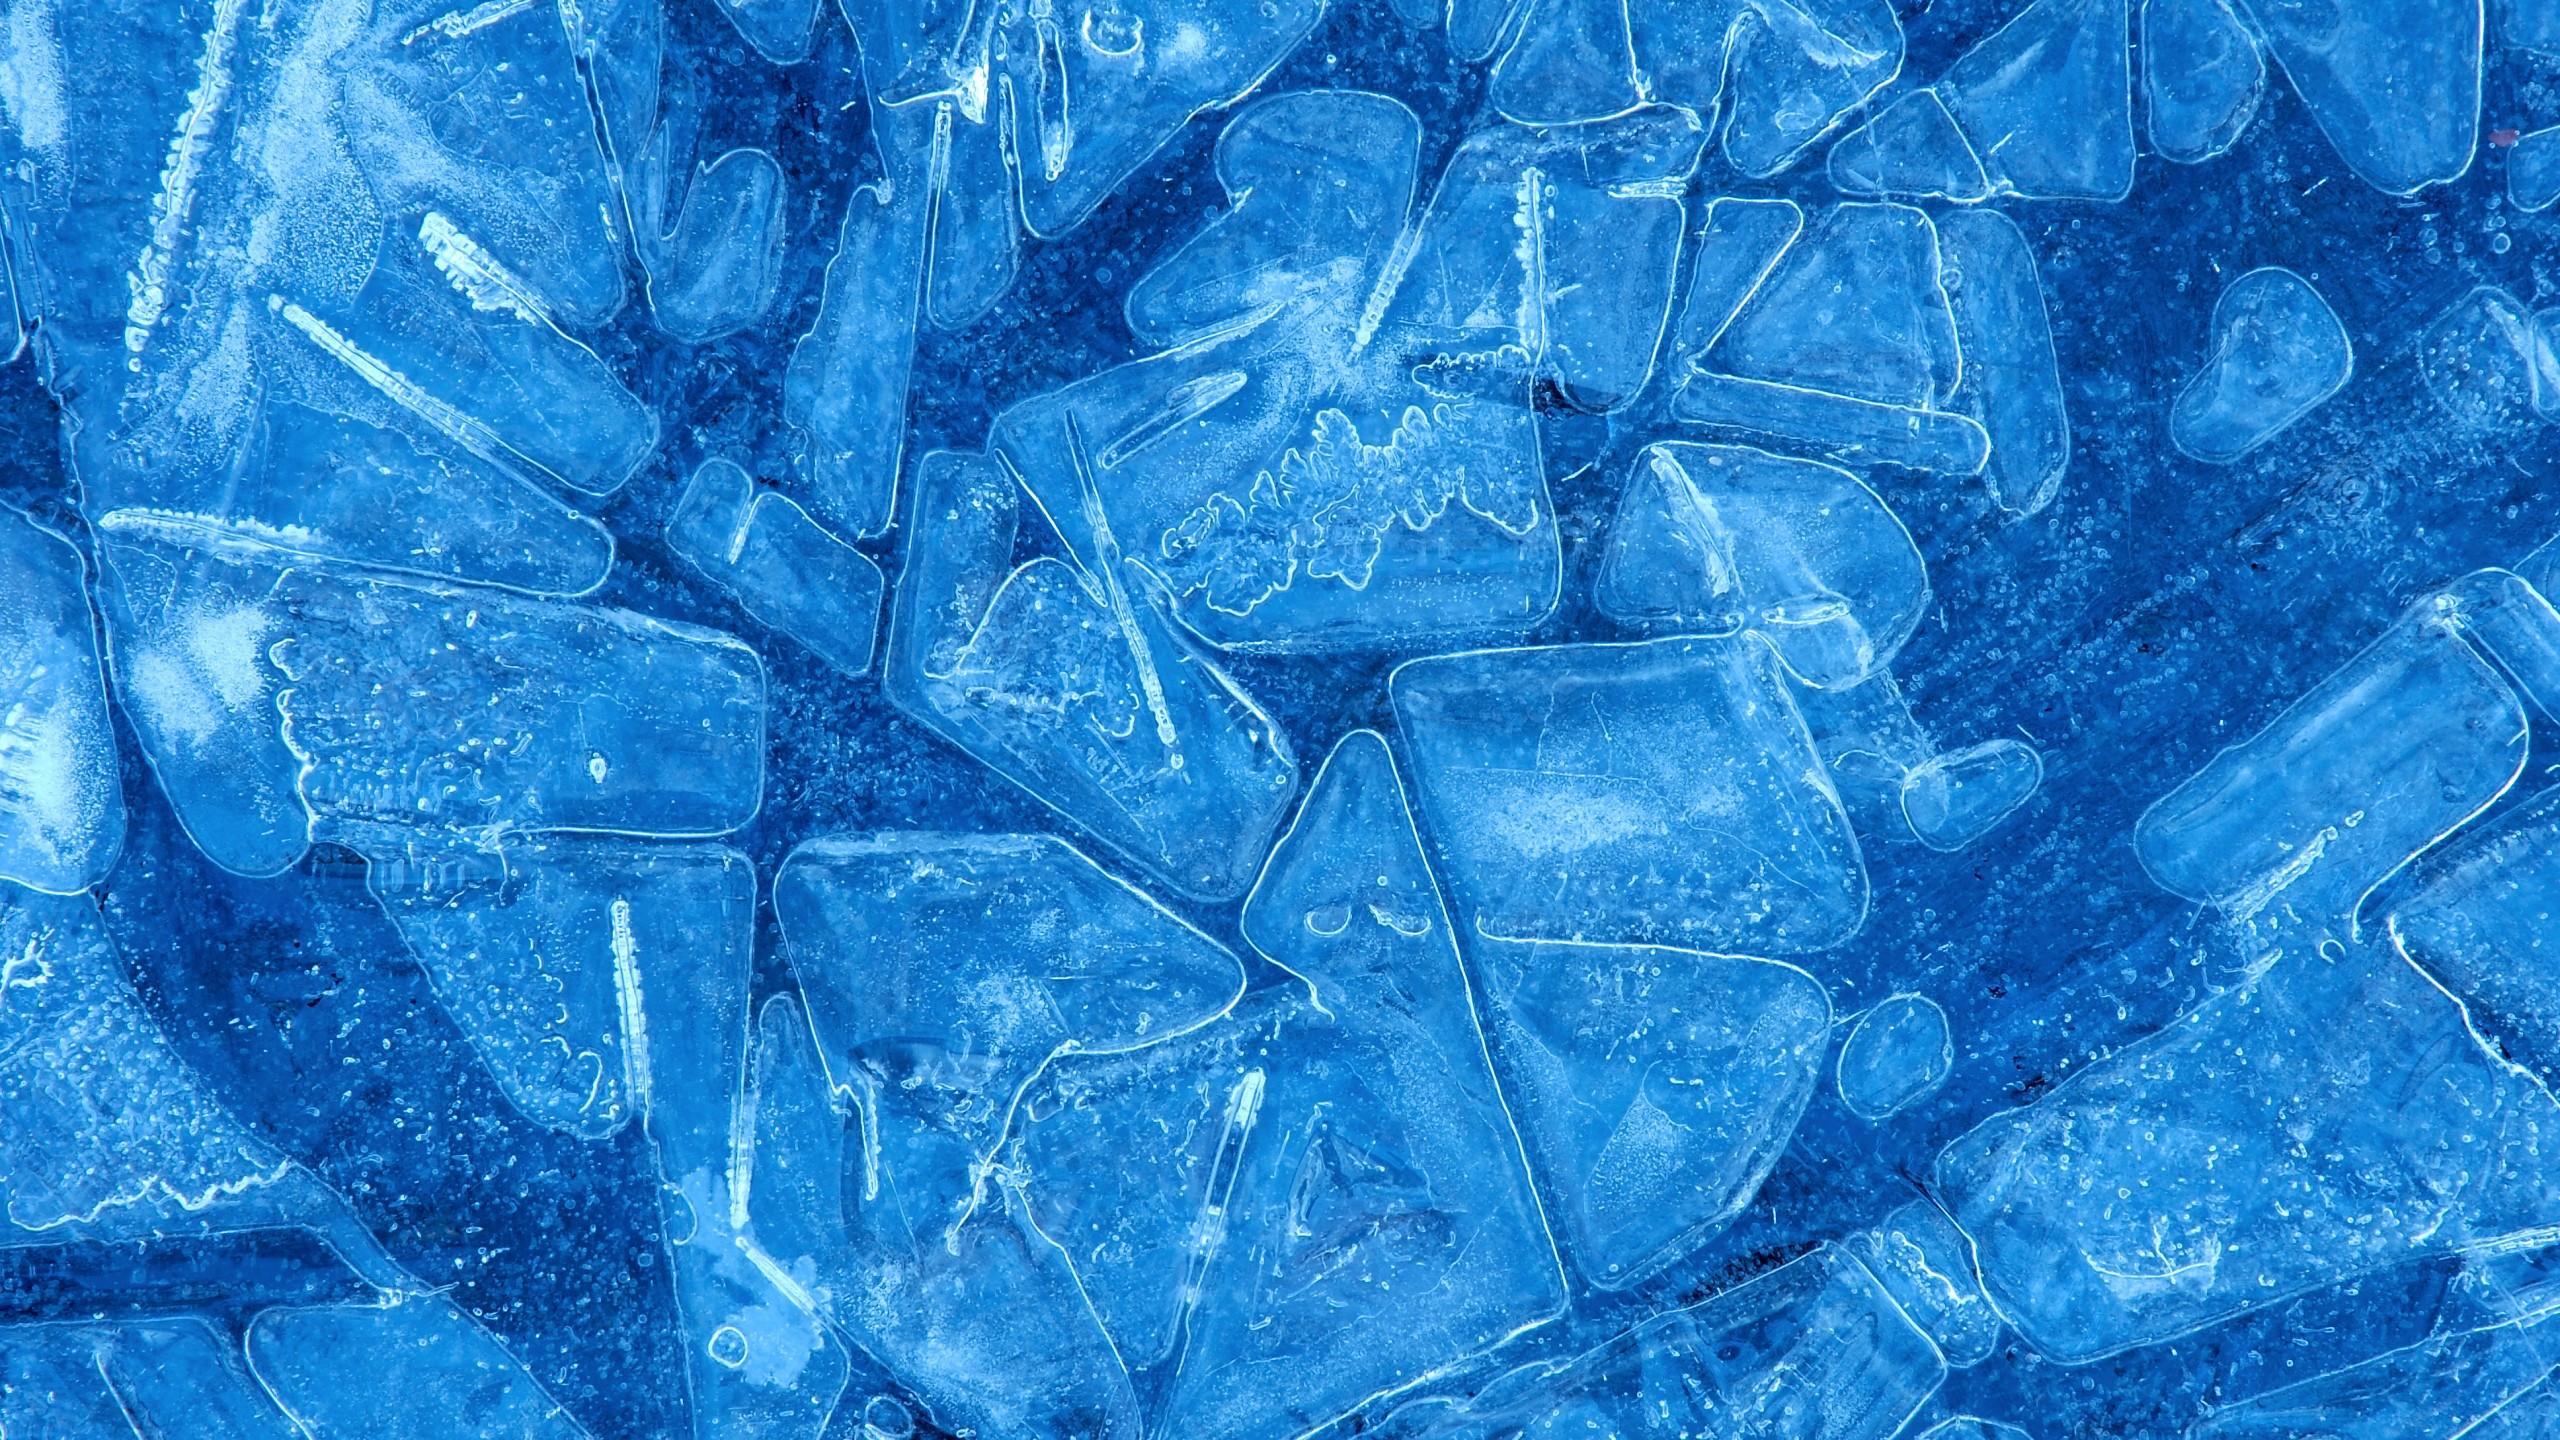 Wallpaper Ice 4k 5k Wallpaper Pattern Blue Background